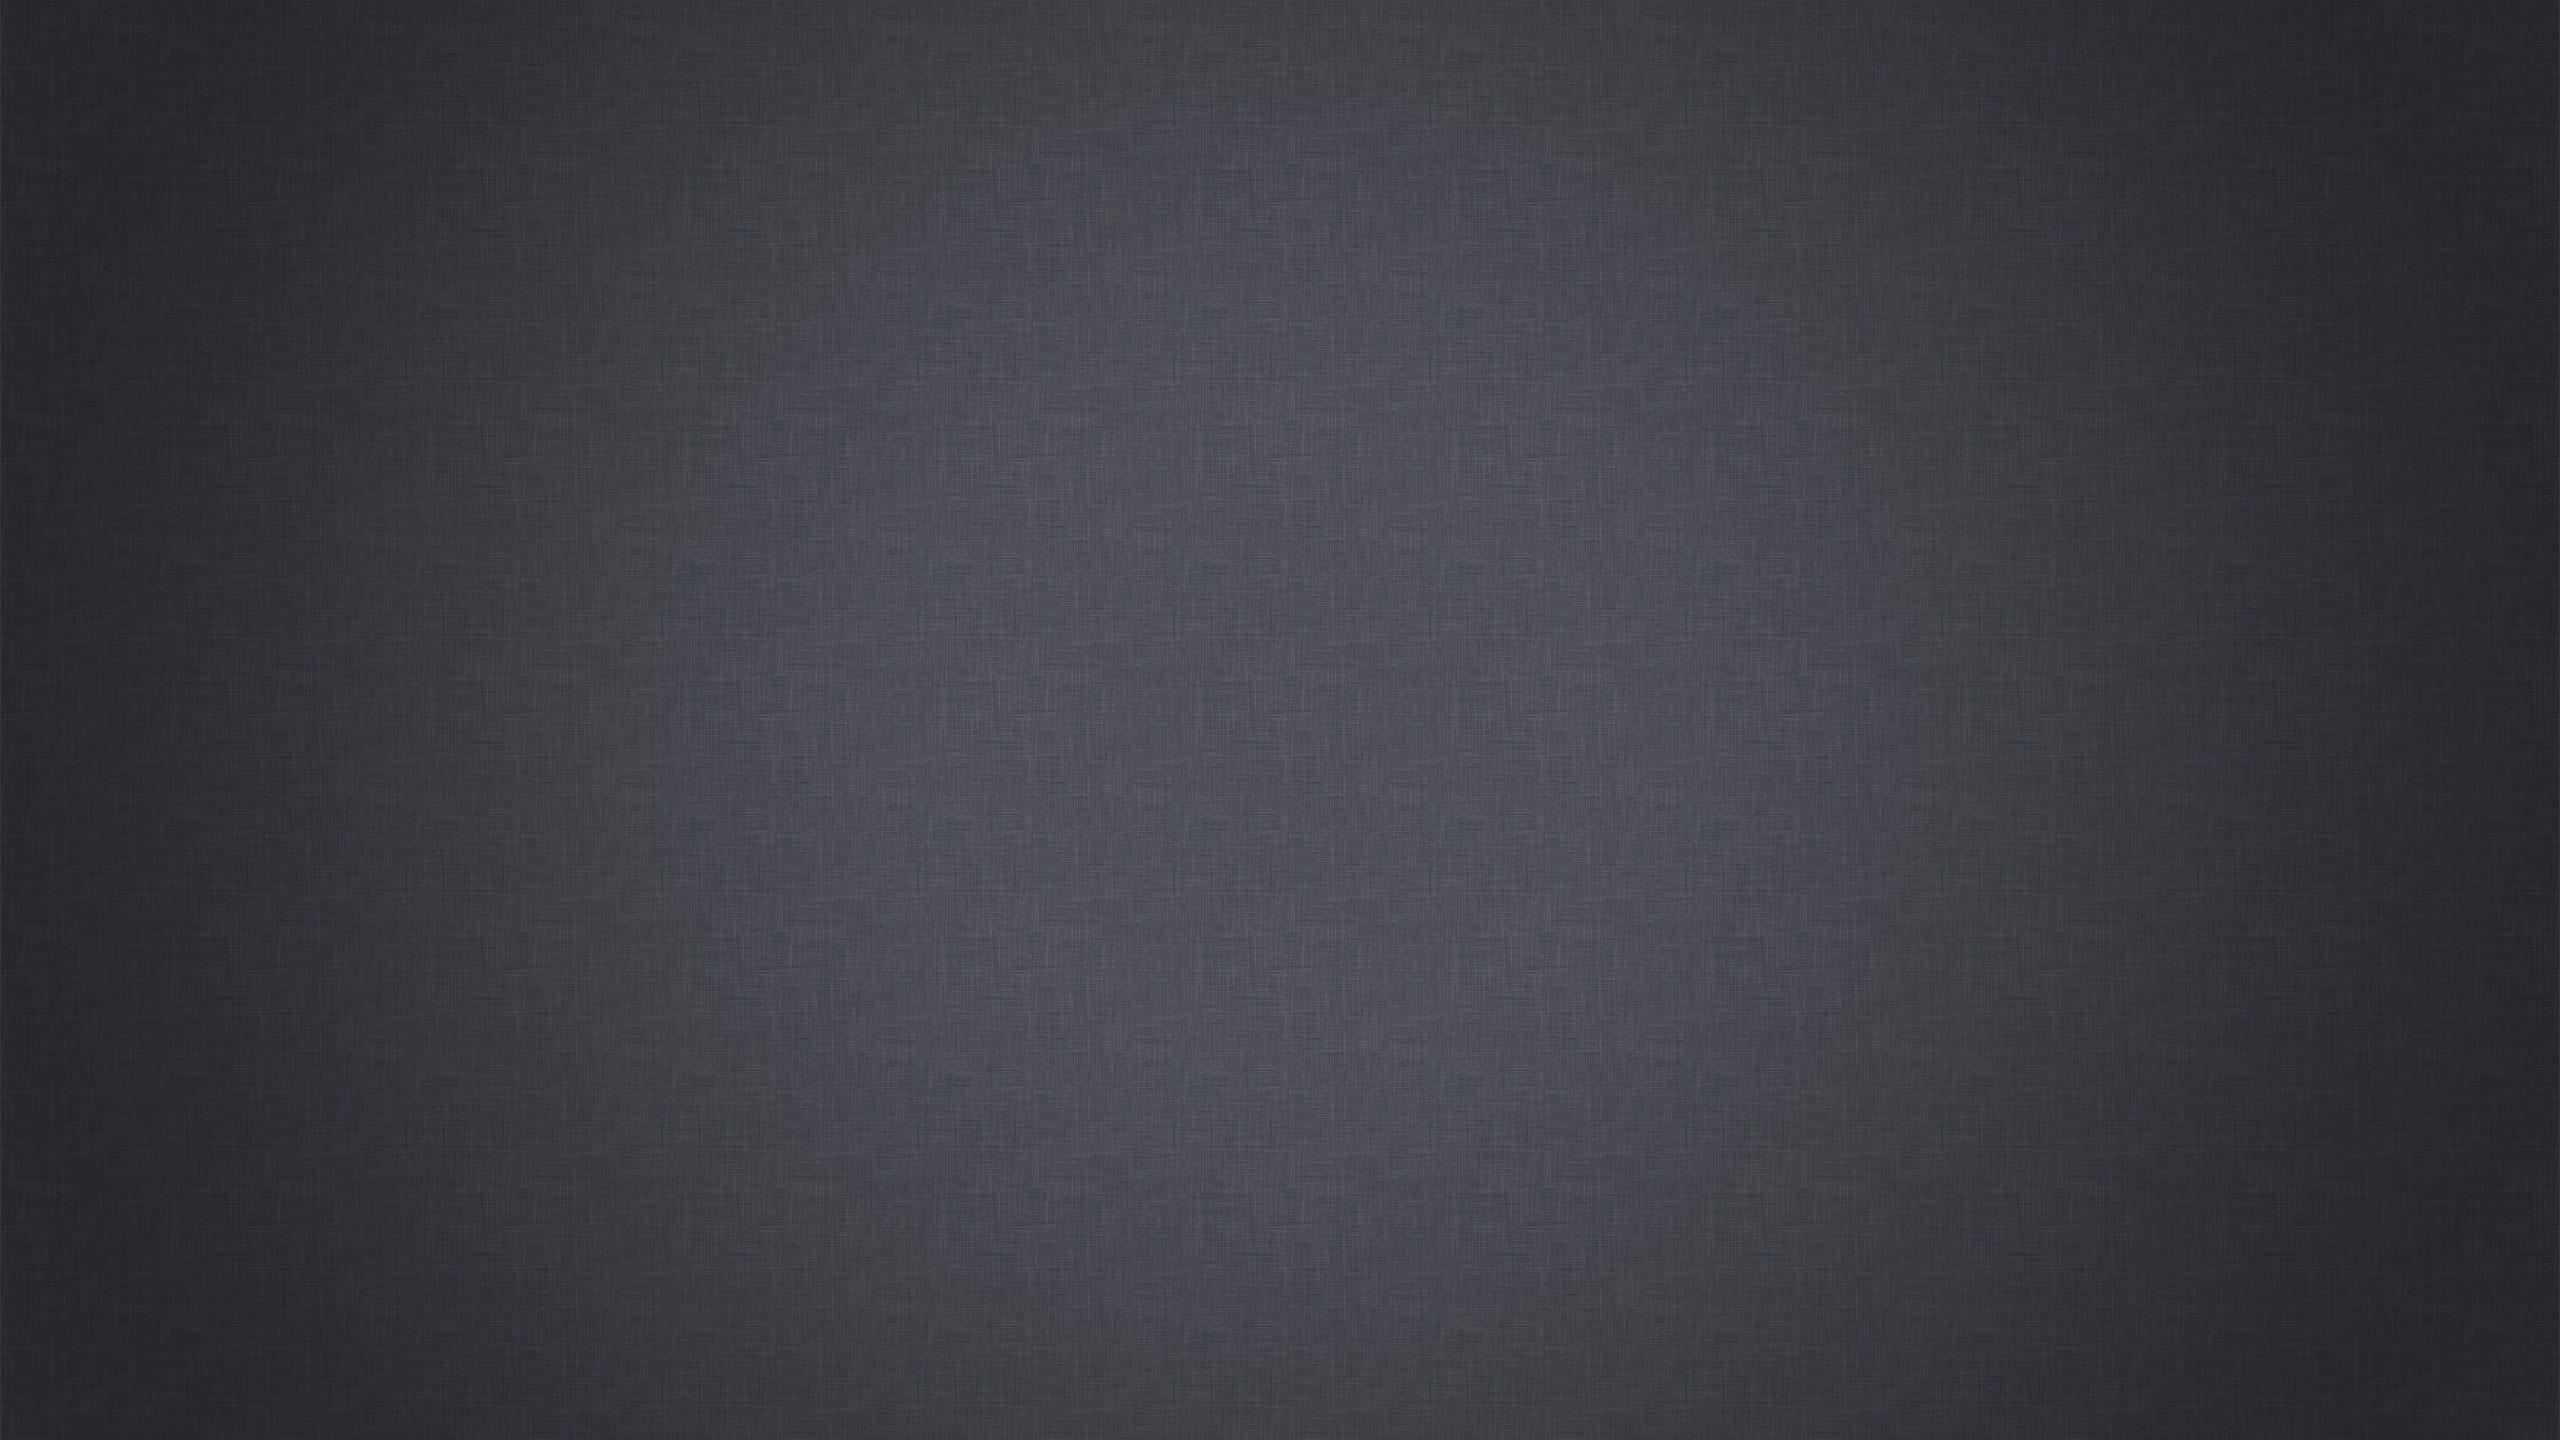 Как сделать на серый фон